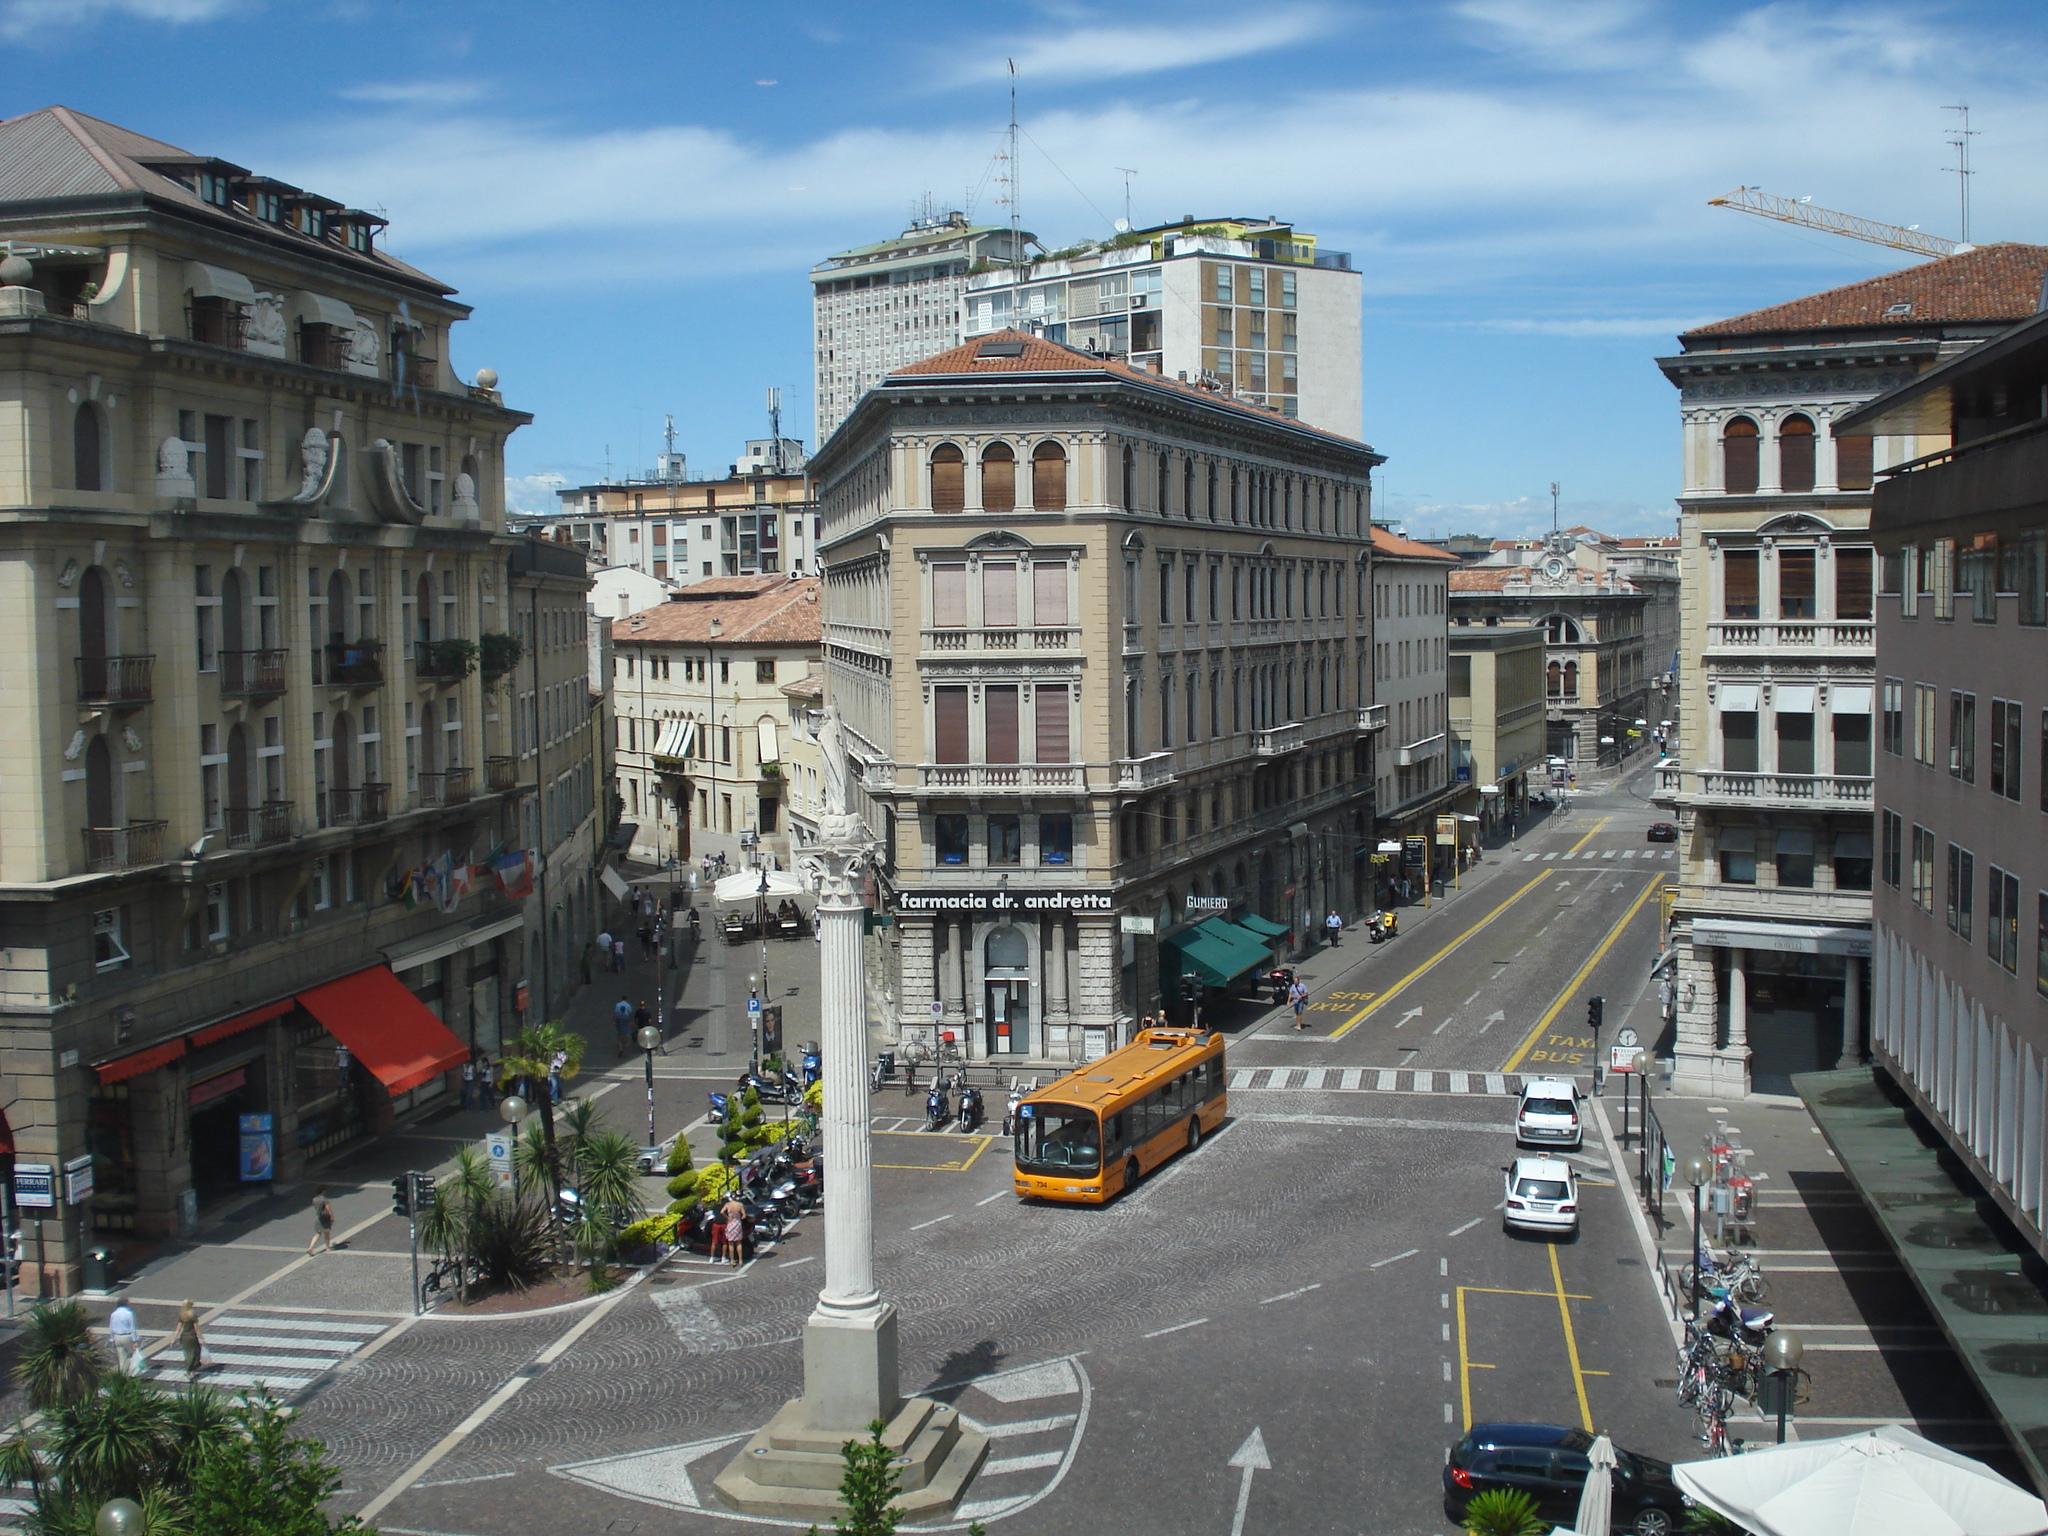 Hotel Milano Via Dei Mibaglia